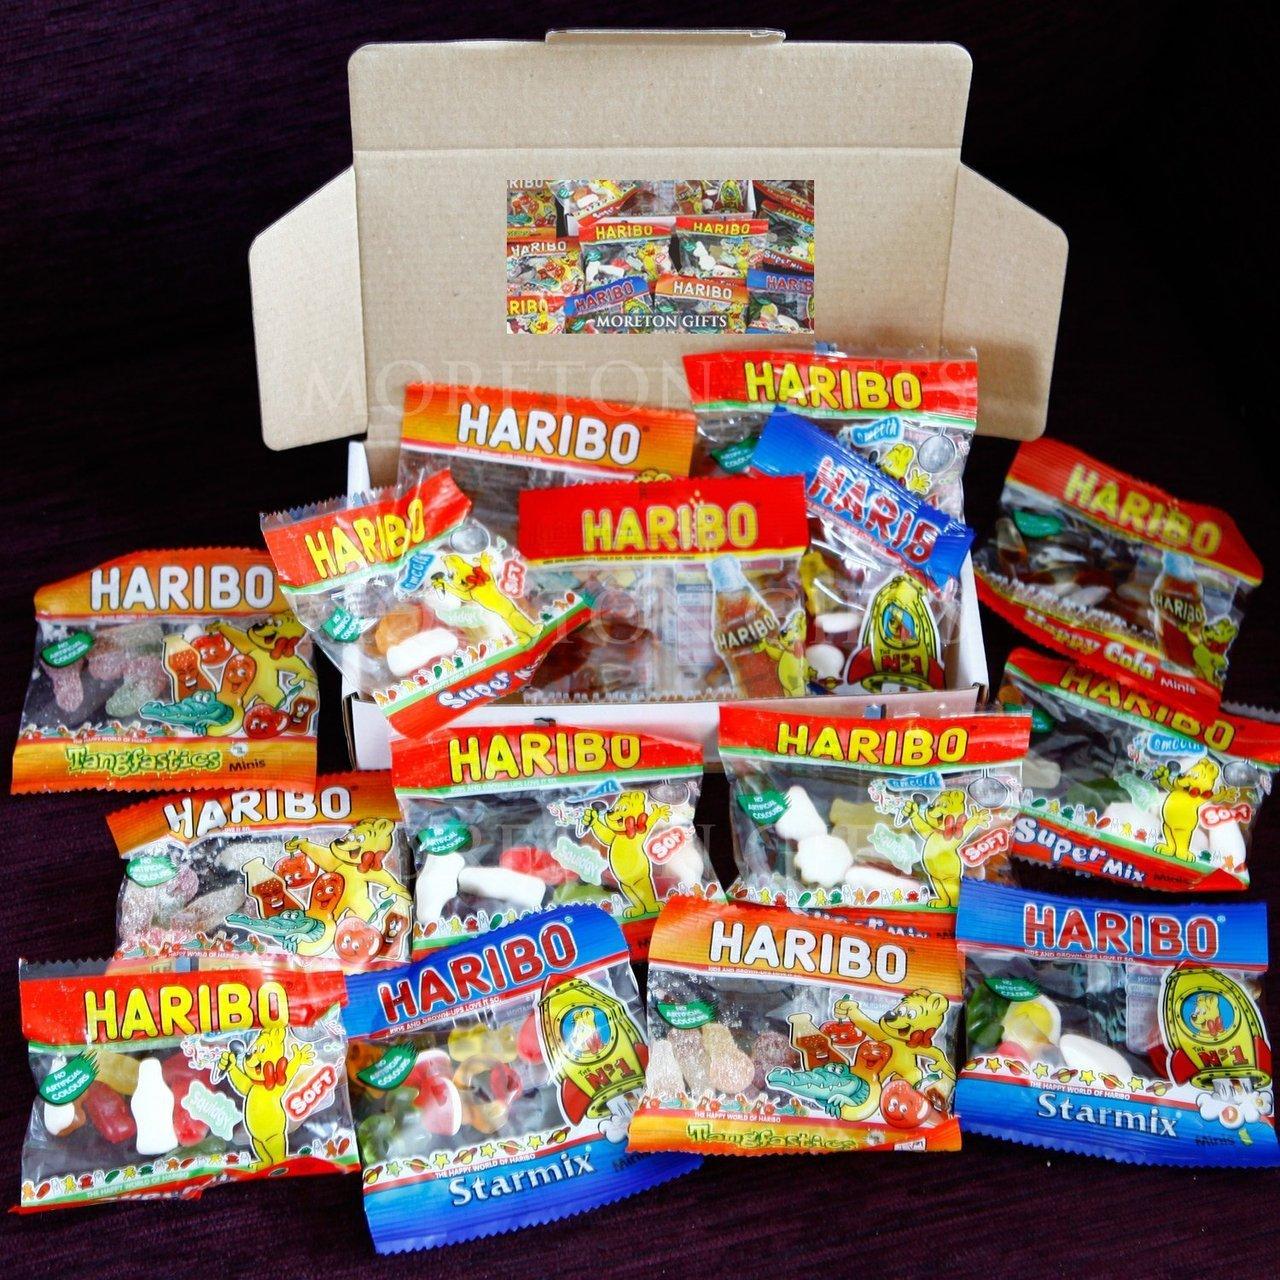 Bombing free shipping Haribo Mega Party Treat Box - By Birthday Idea Thank Gift You Max 61% OFF